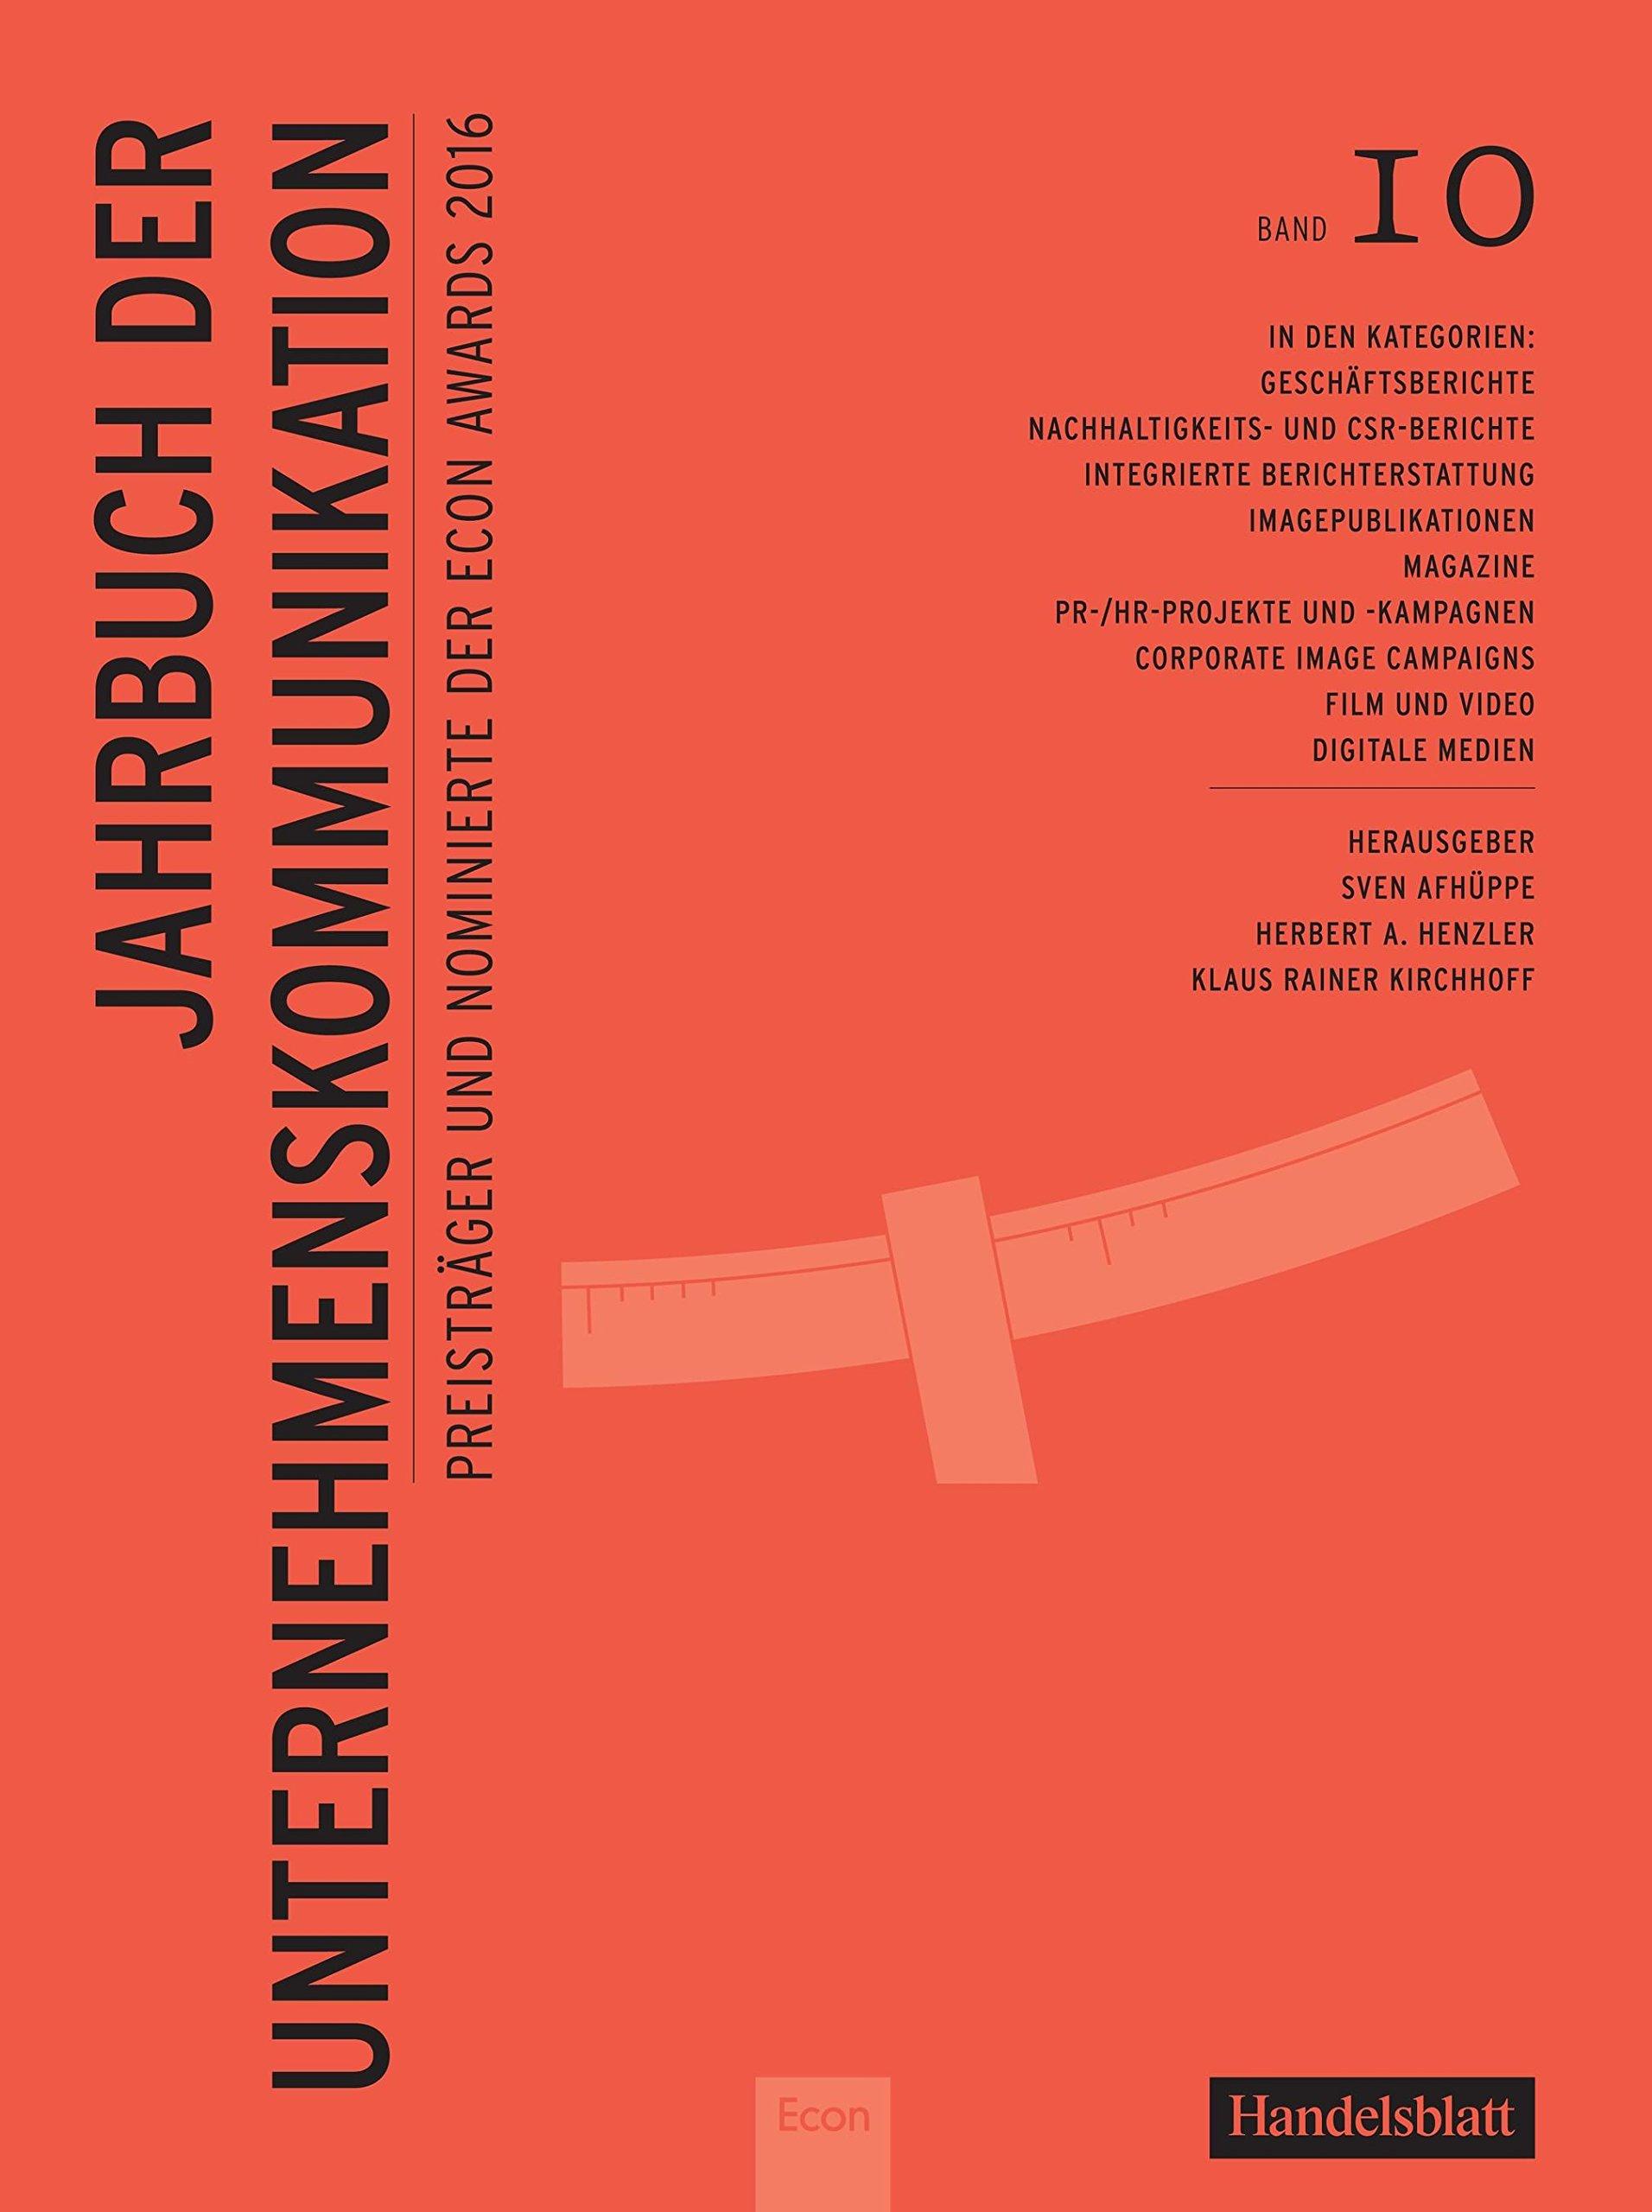 Jahrbuch der Unternehmenskommunikation 2016: Band 10 Gebundenes Buch – 31. Oktober 2016 Herbert Henzler Klaus Rainer Kirchhoff Econ 3430202191